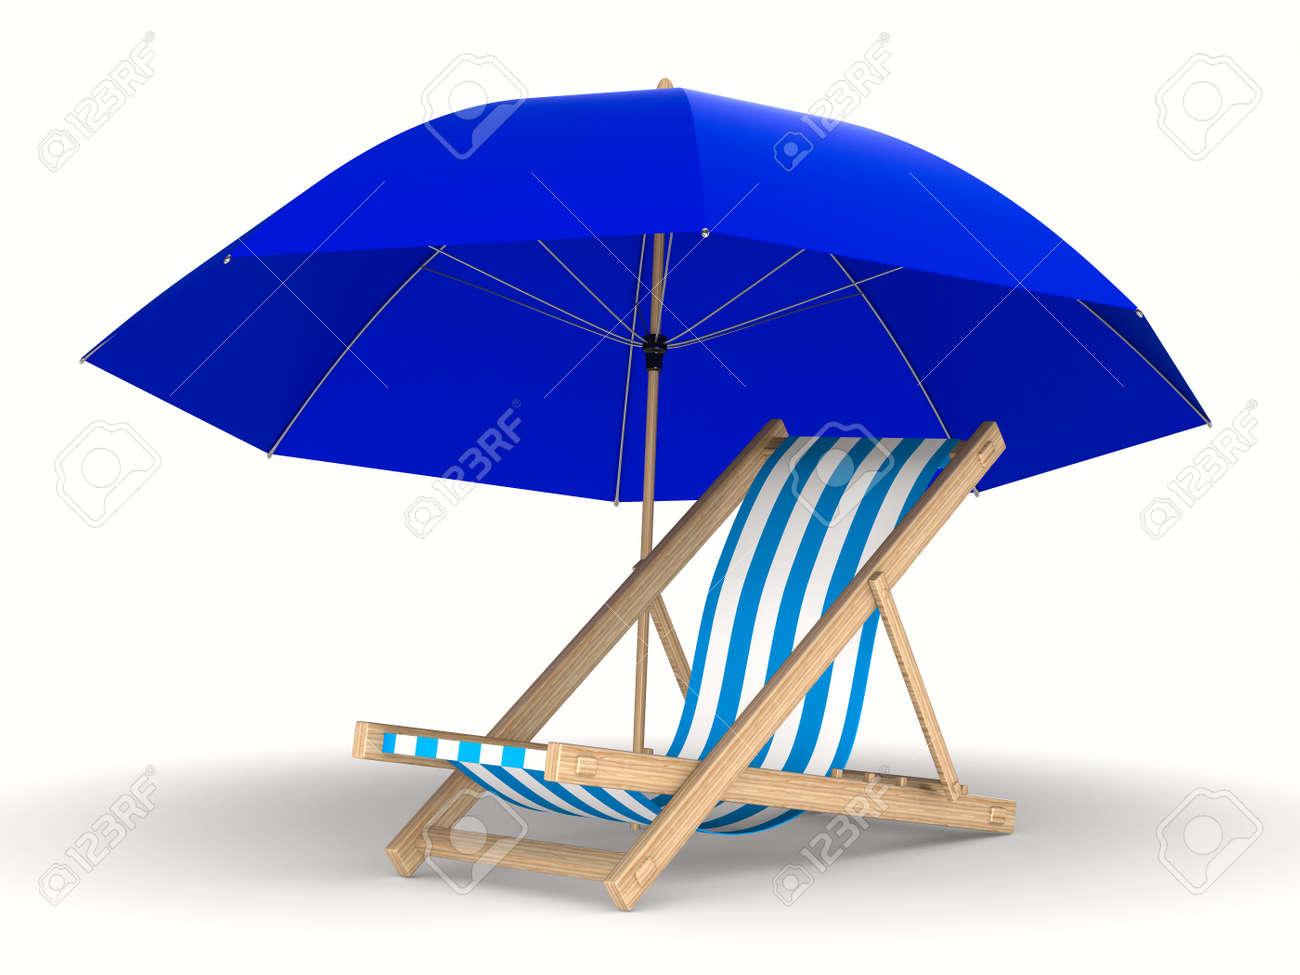 Strandstoel Met Parasol.Strandstoel En Parasol Op Witte Achtergrond Gea Soleerde 3d Beeld